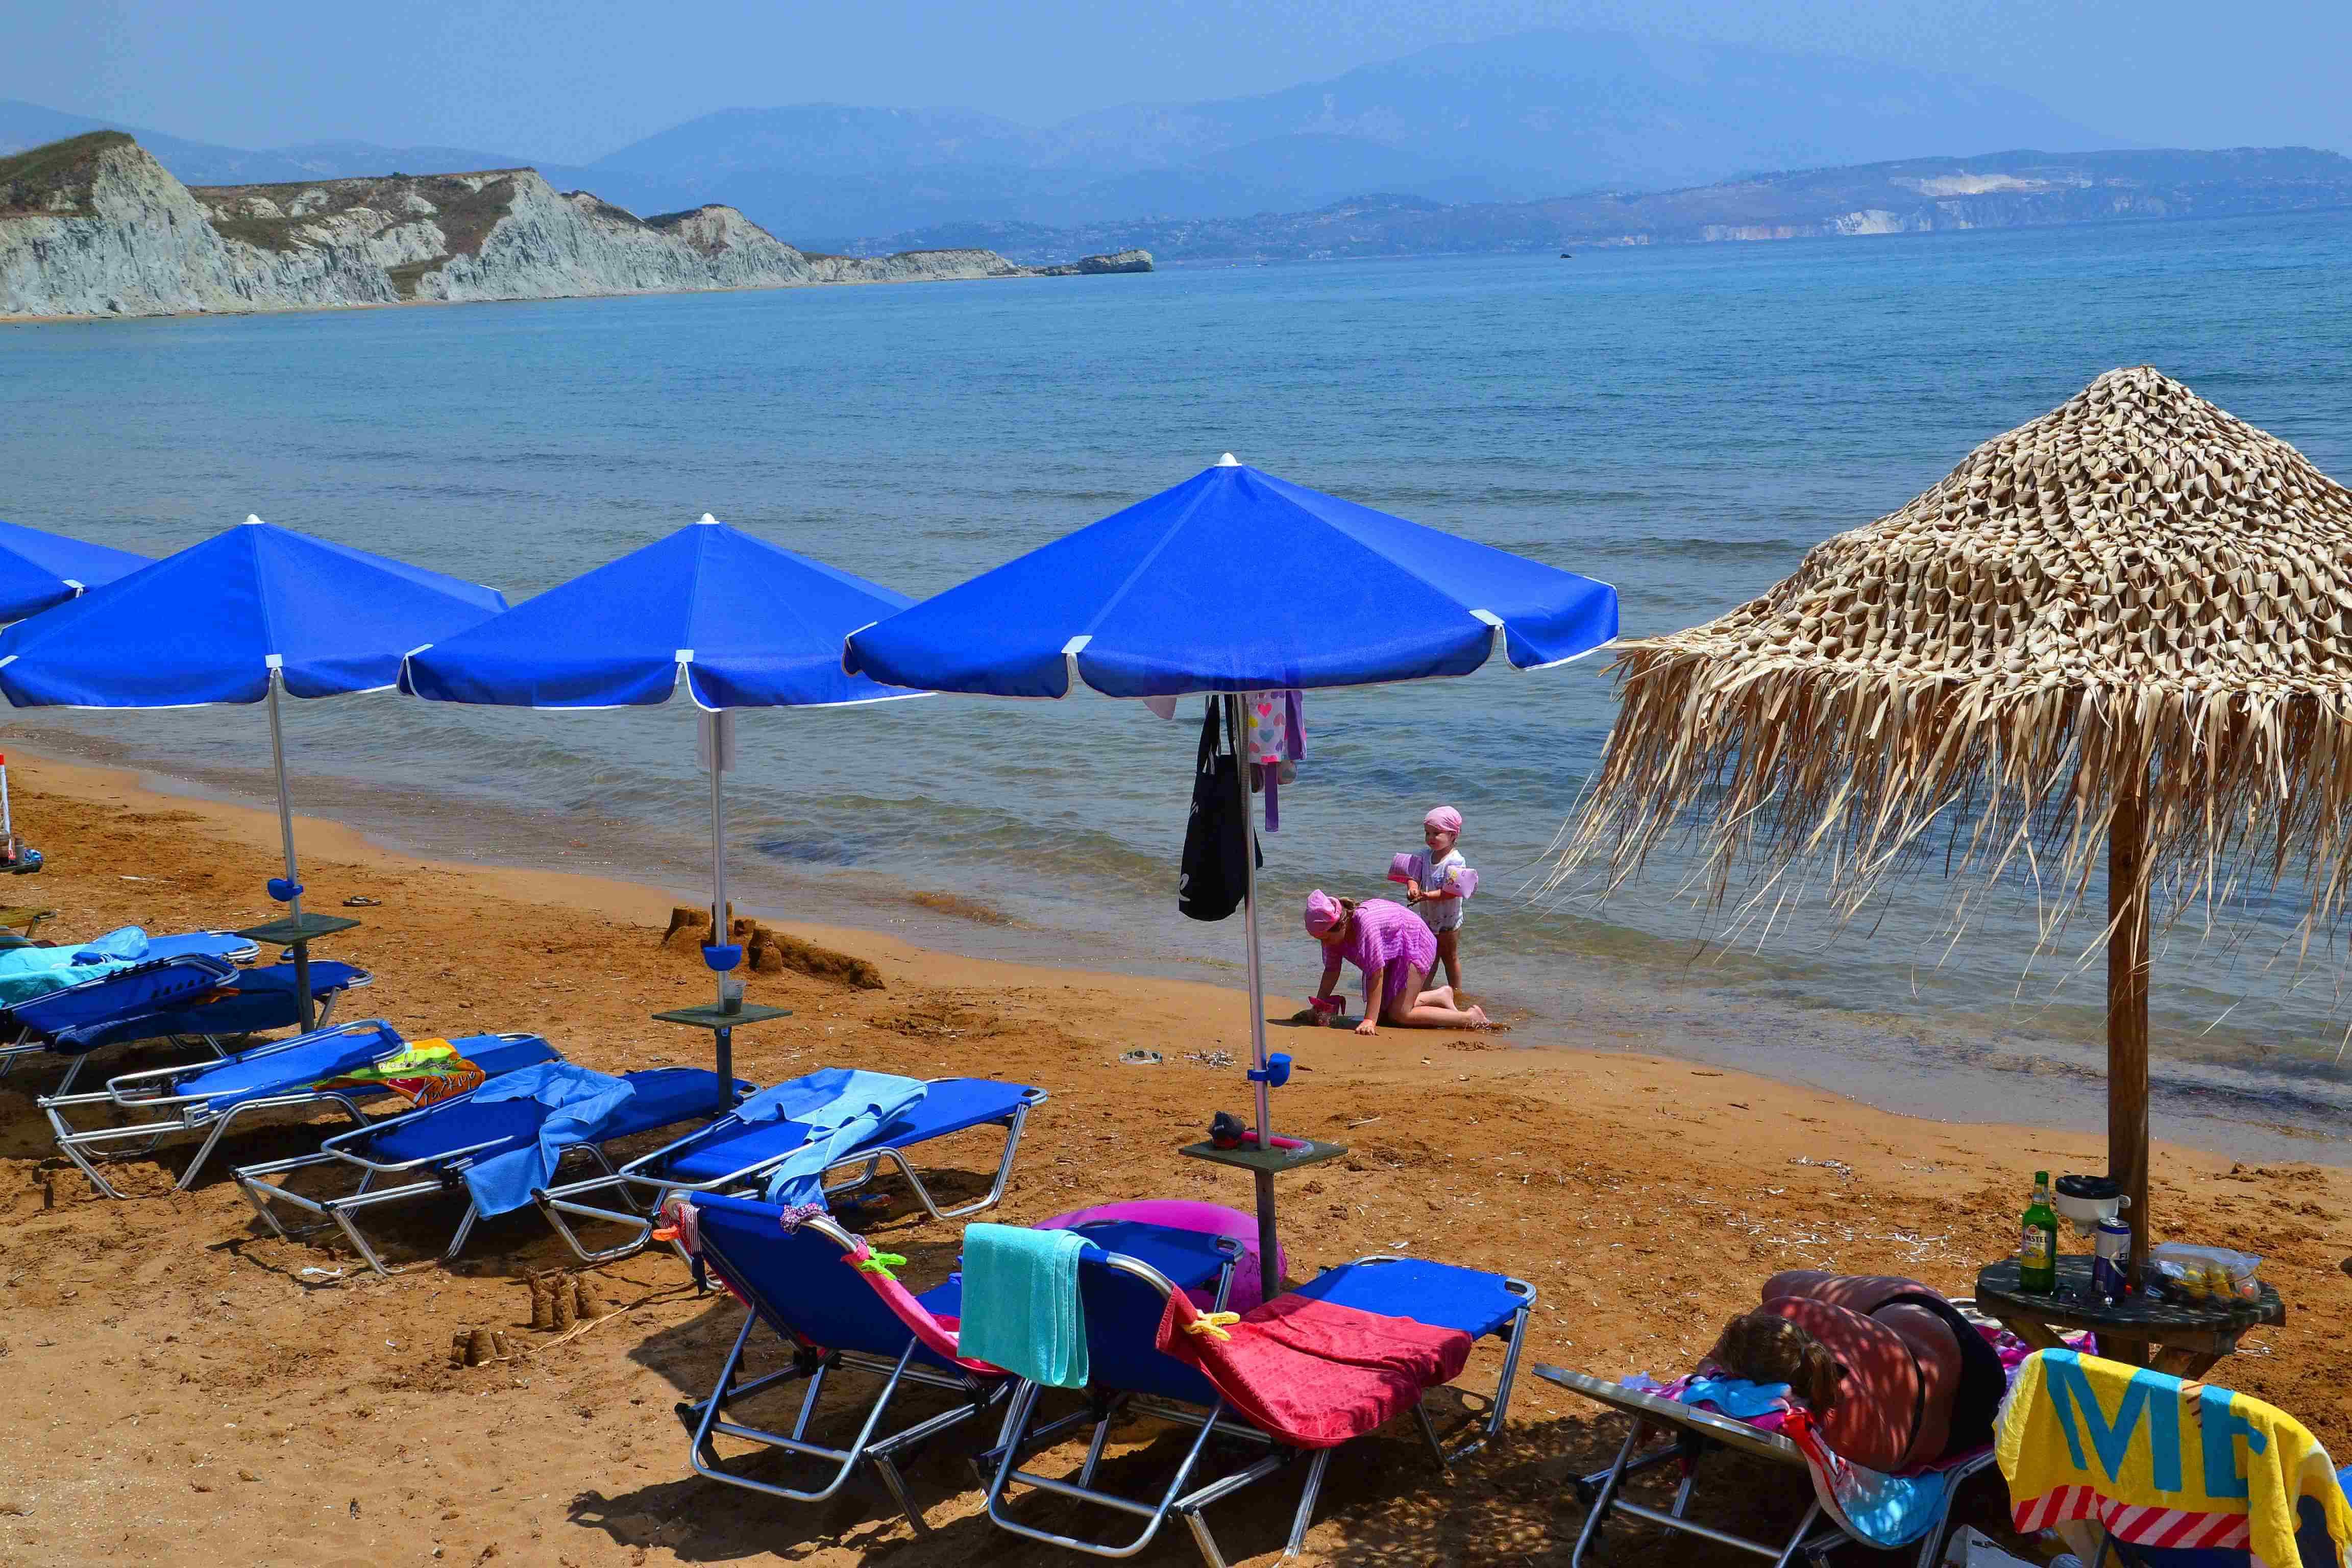 Kounopetra beach